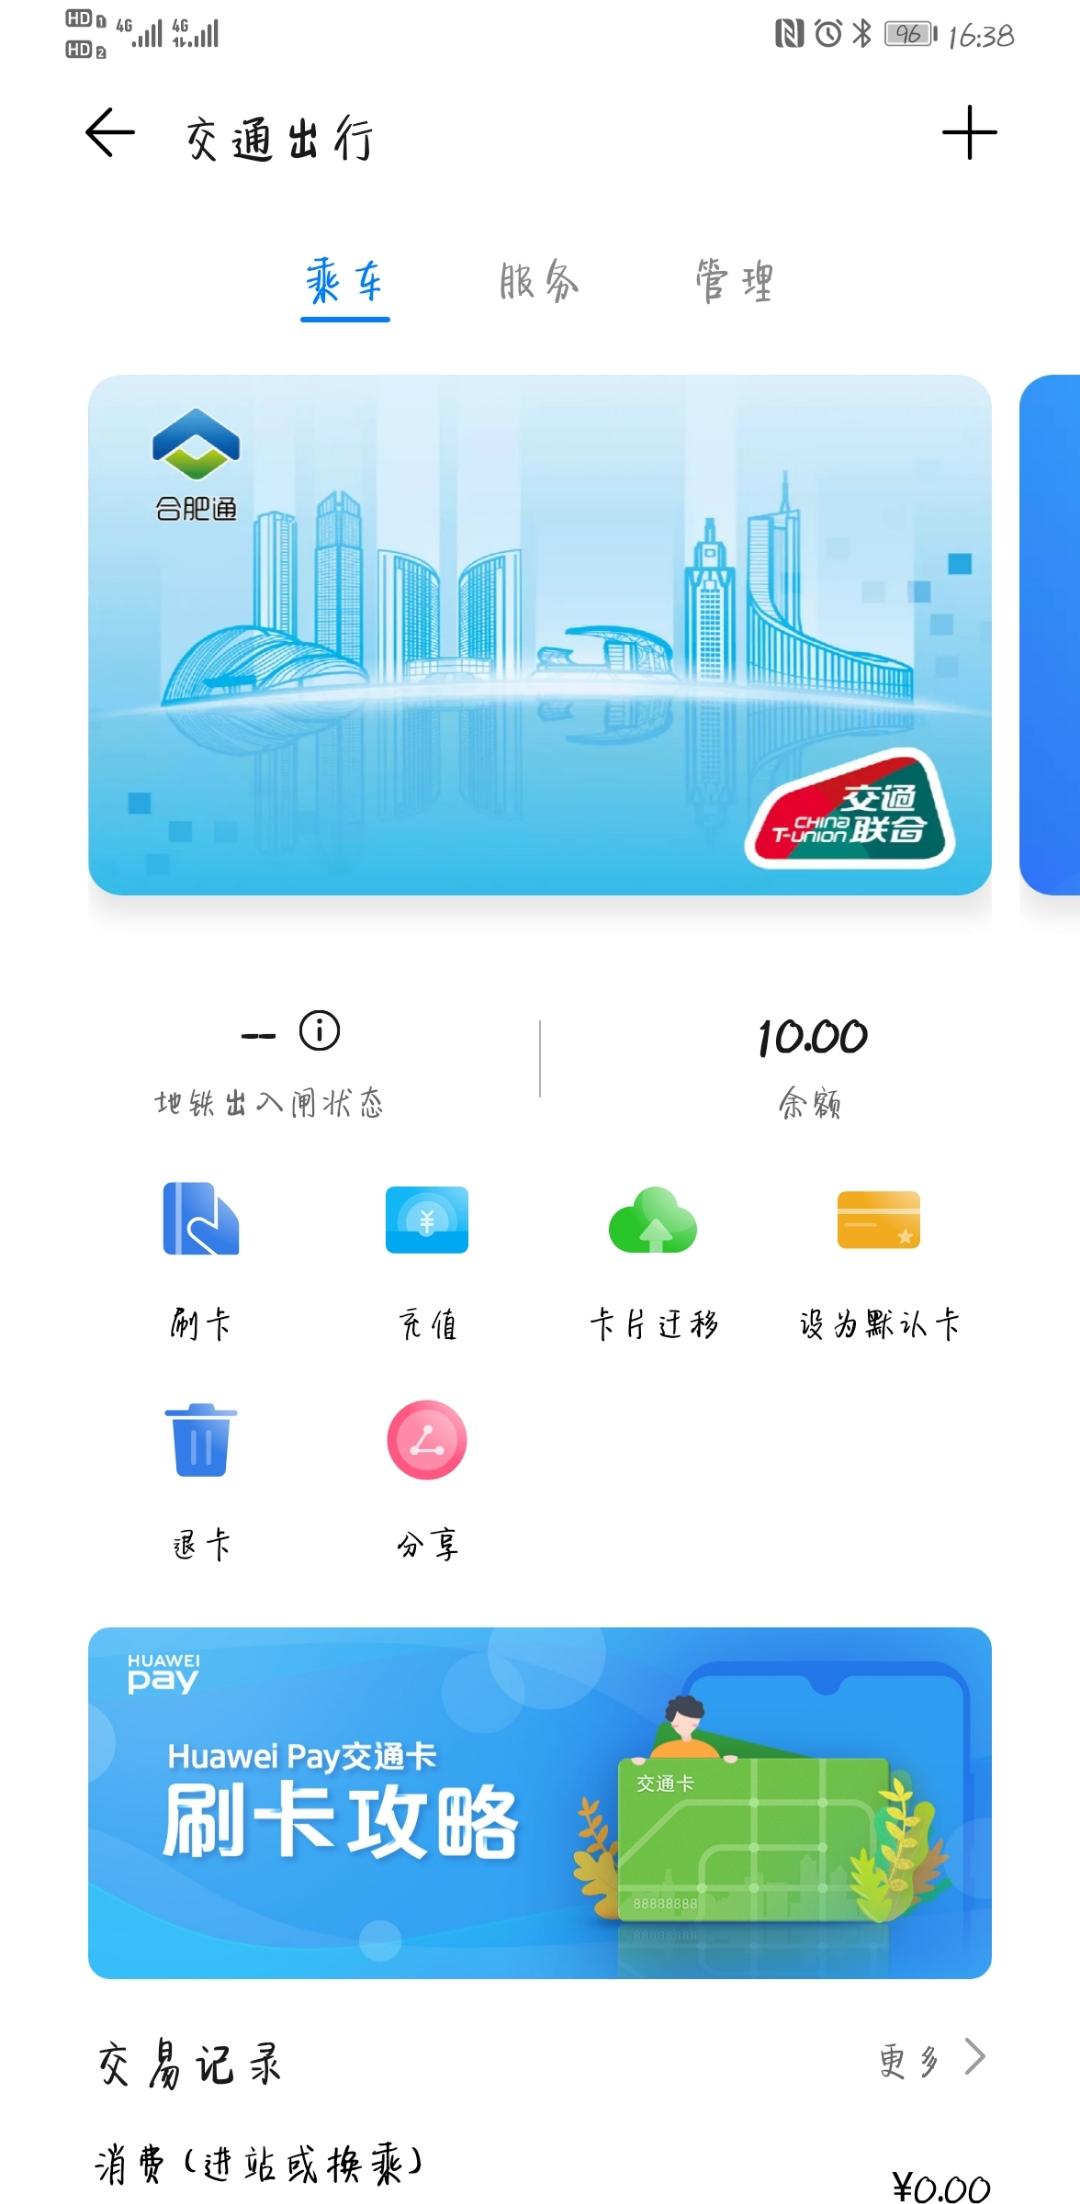 Screenshot_20201013_163813_com.huawei.wallet.jpg